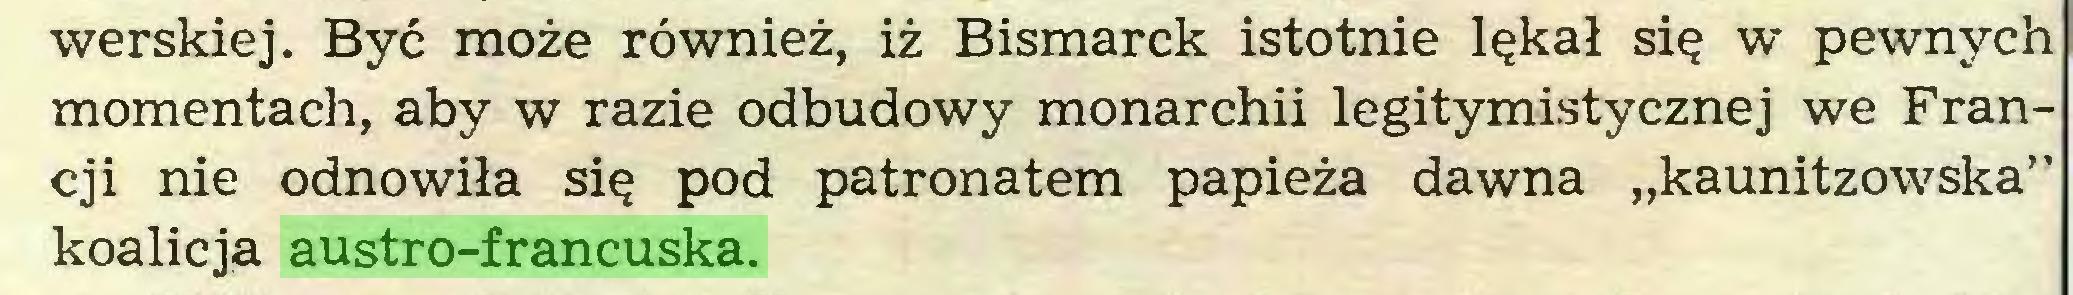 """(...) werskiej. Być może również, iż Bismarck istotnie lękał się w pewnych momentach, aby w razie odbudowy monarchii legitymistycznej we Francji nie odnowiła się pod patronatem papieża dawna """"kaunitzowska"""" koalicją austro-francuska..."""